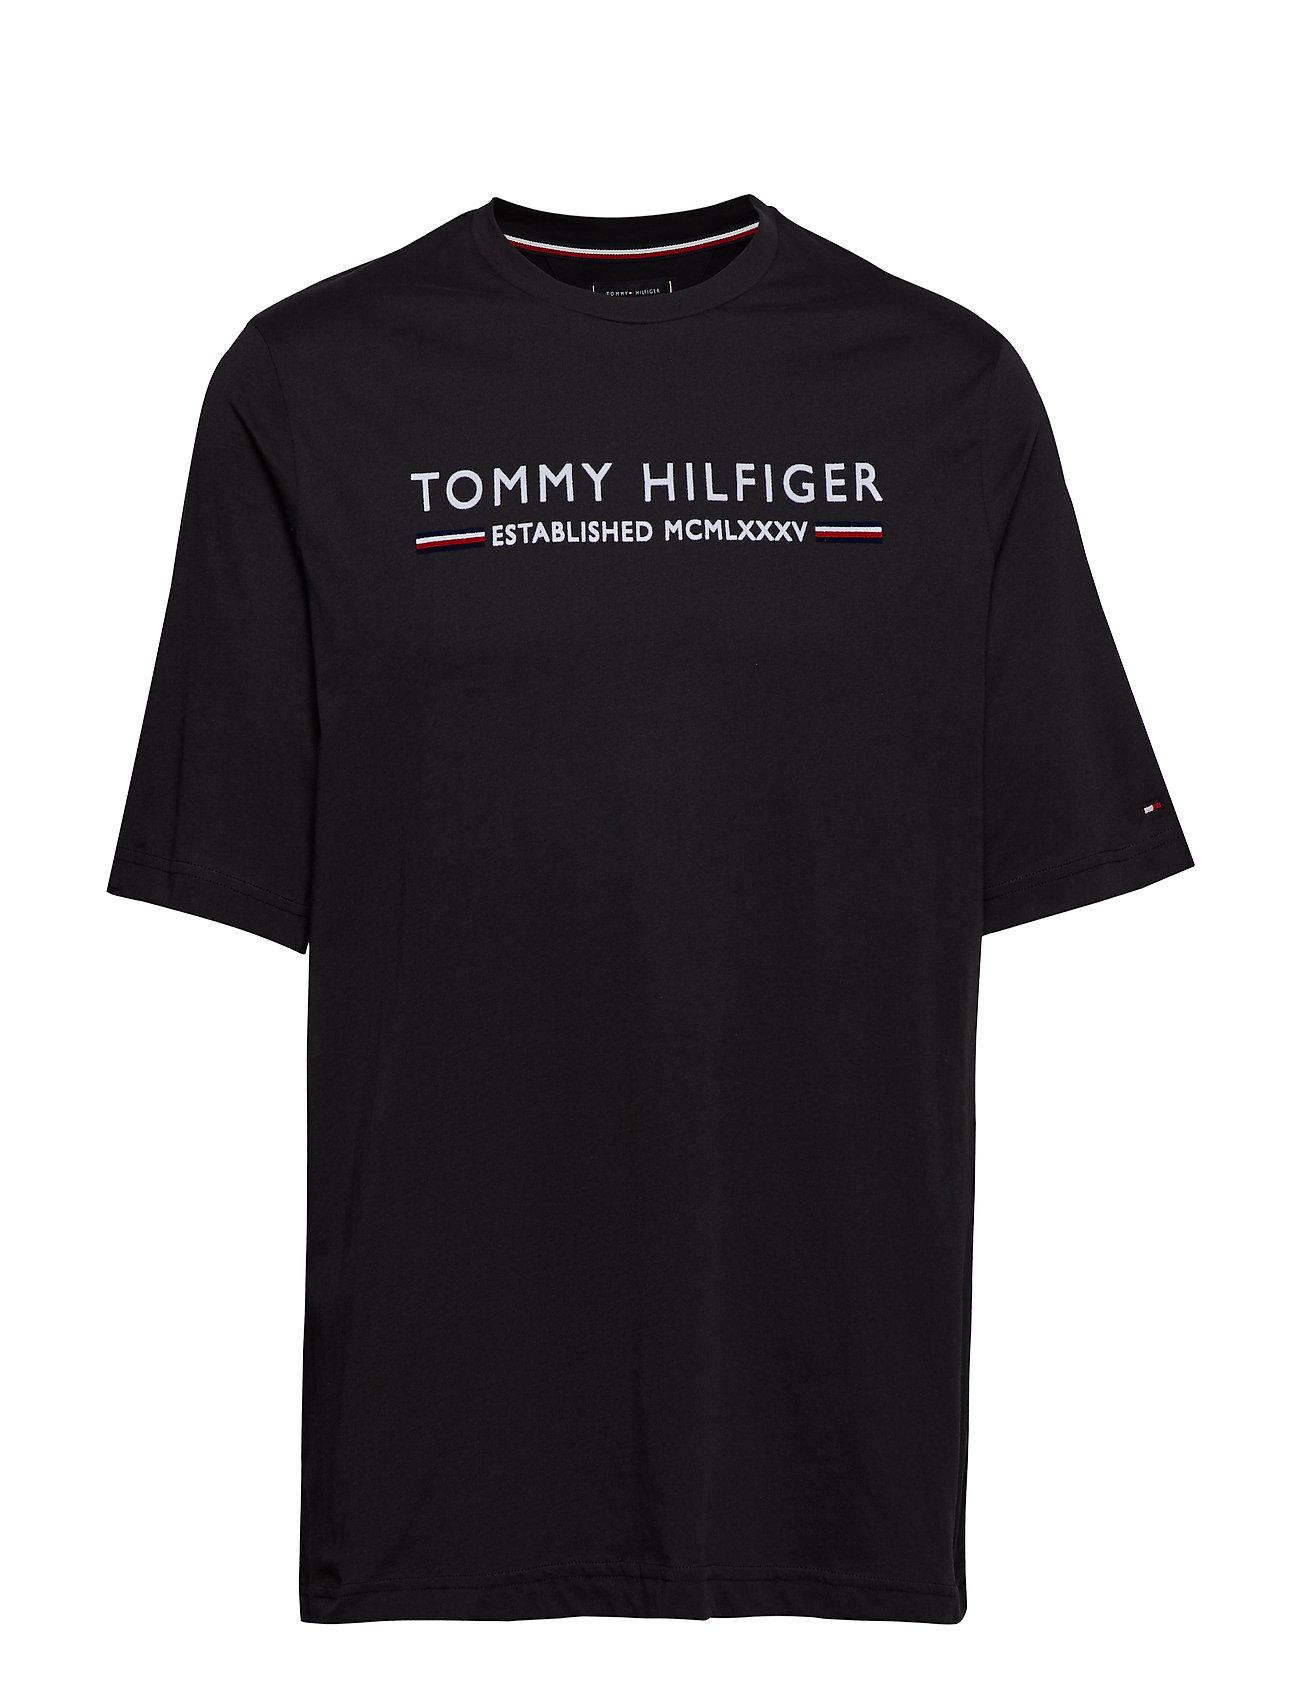 Tommy Hilfiger Big & Tall BT-TOMMY HILFIGER ES - JET BLACK